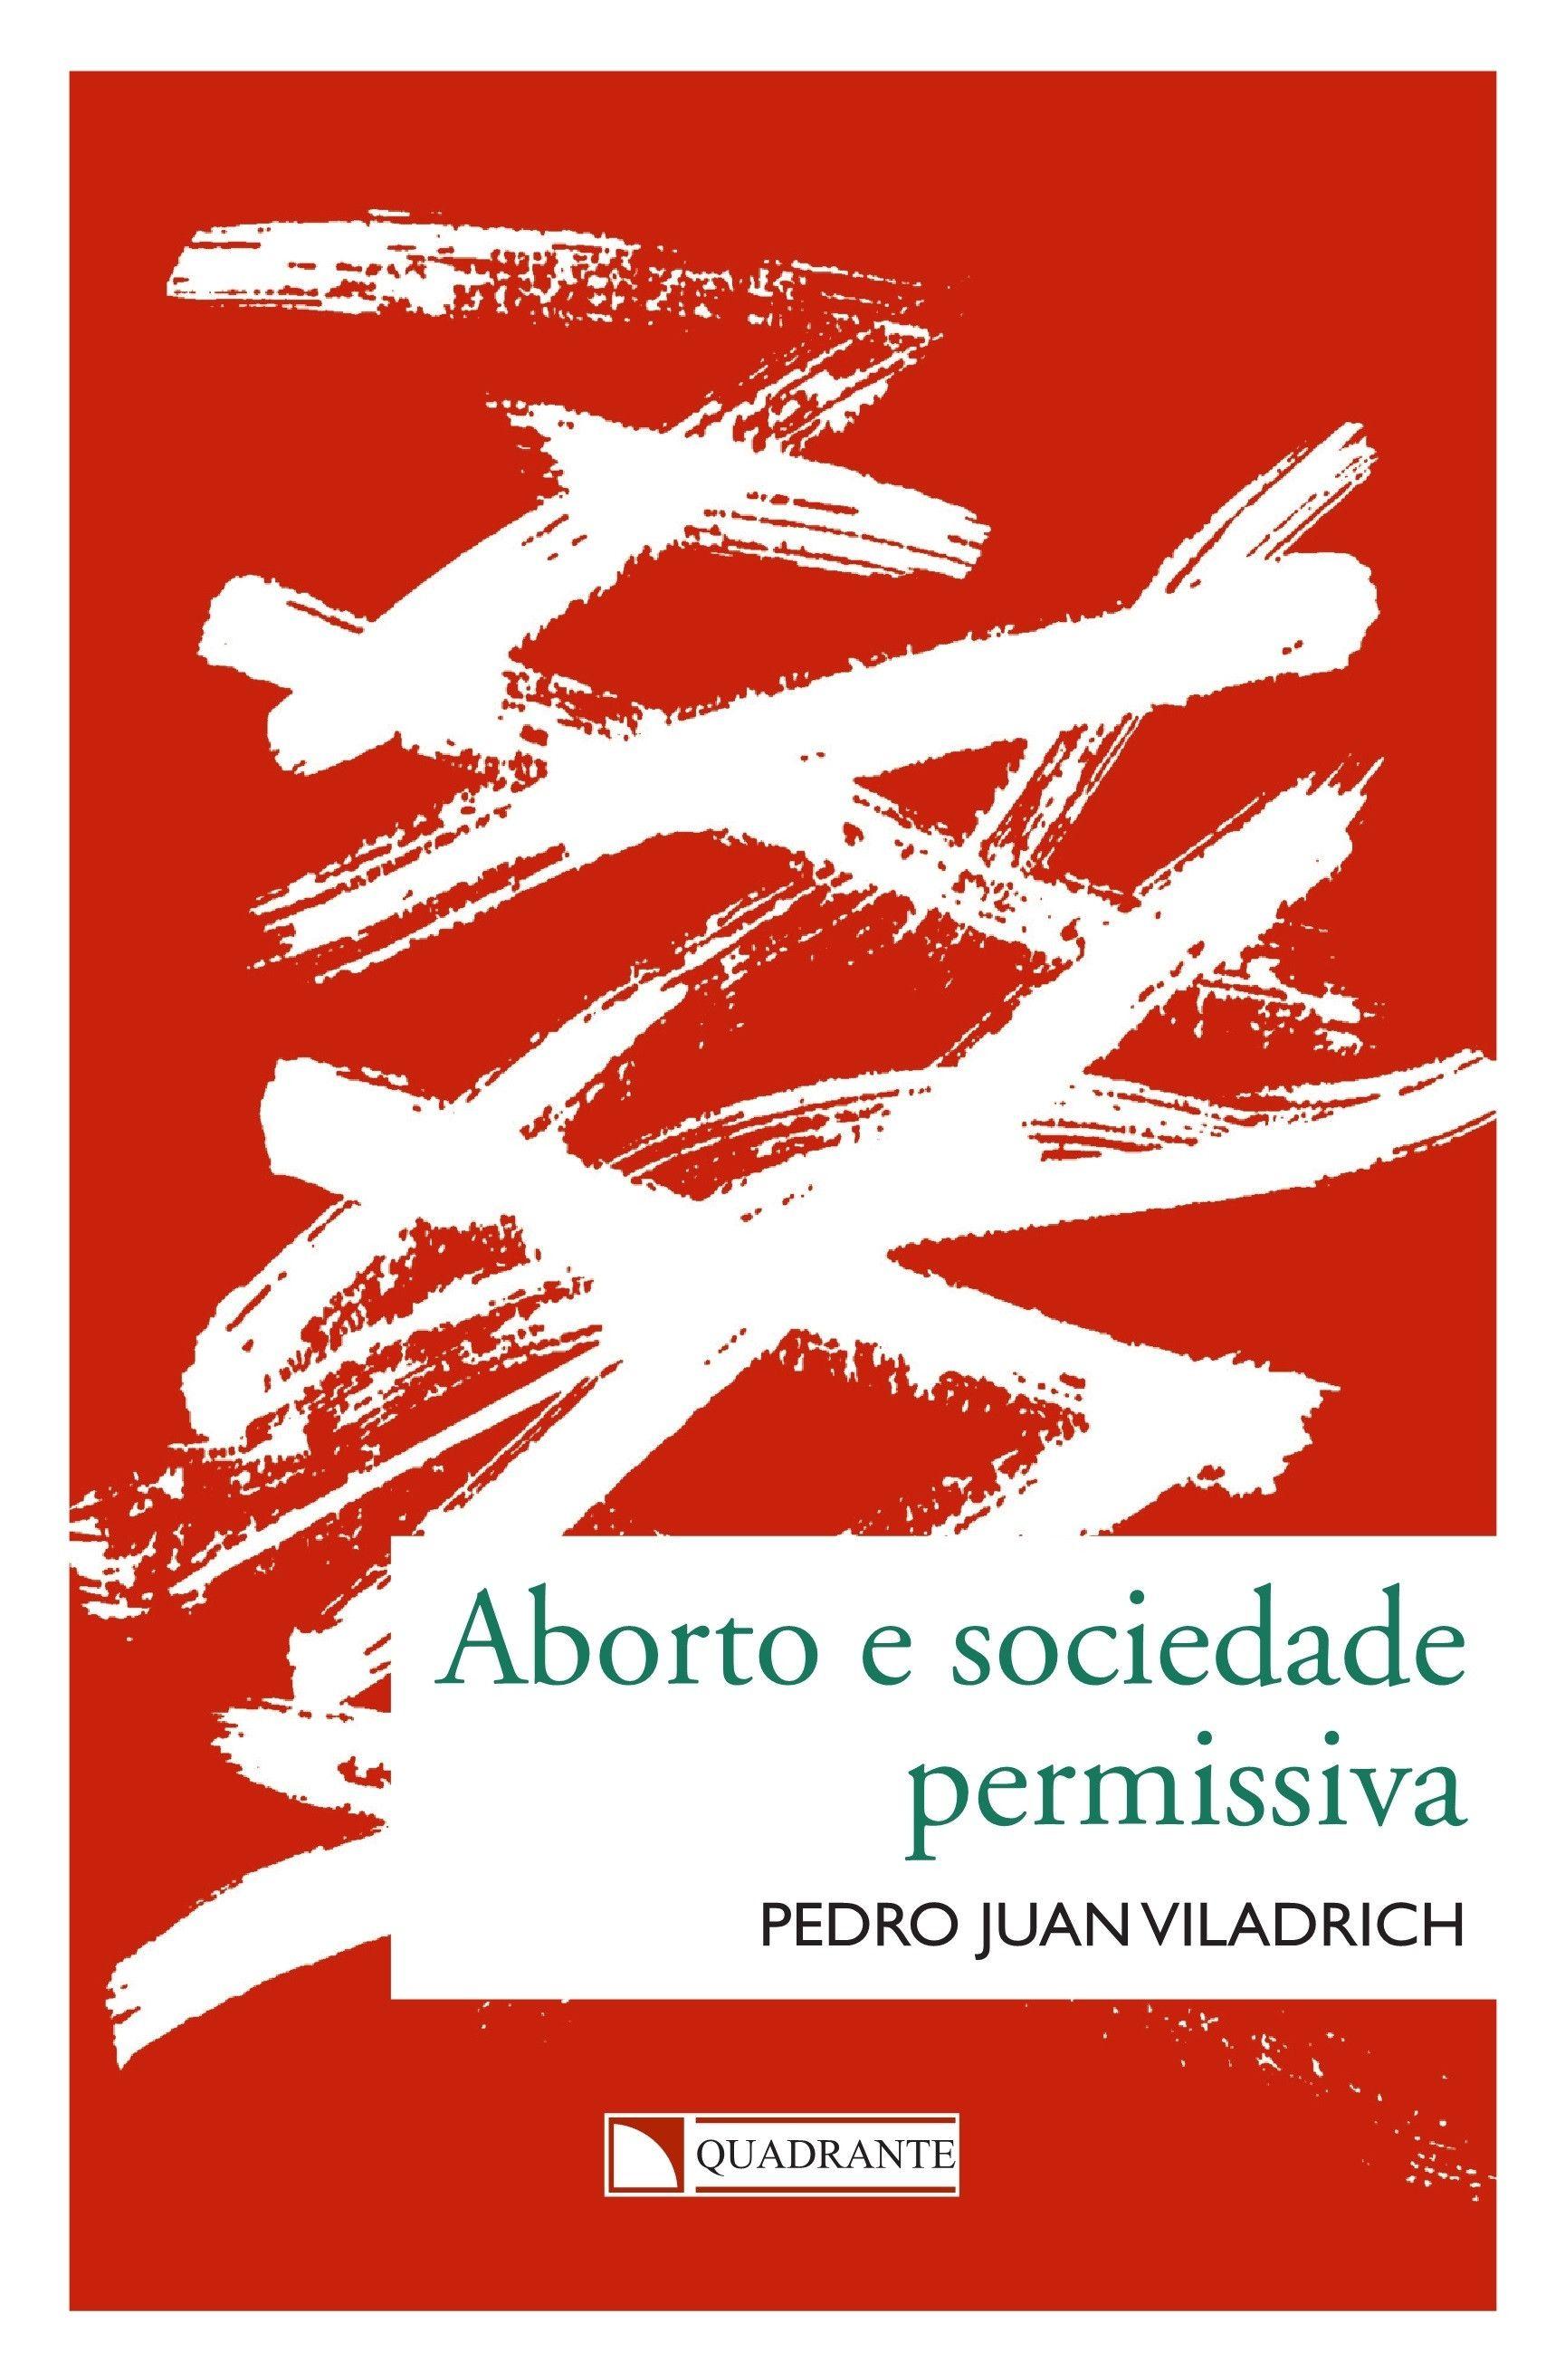 Aborto e sociedade permissiva